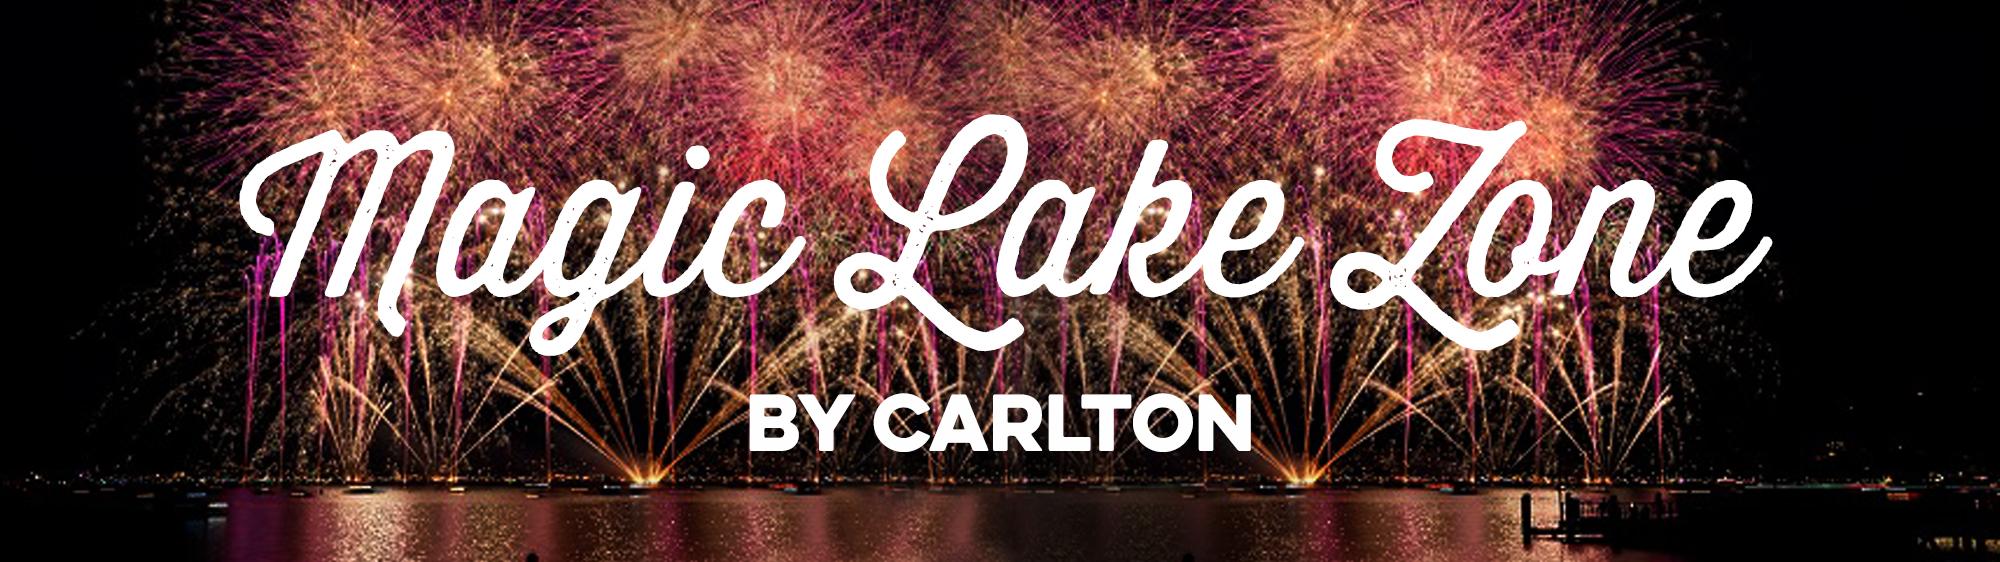 Magic Lake Zone by Carlton